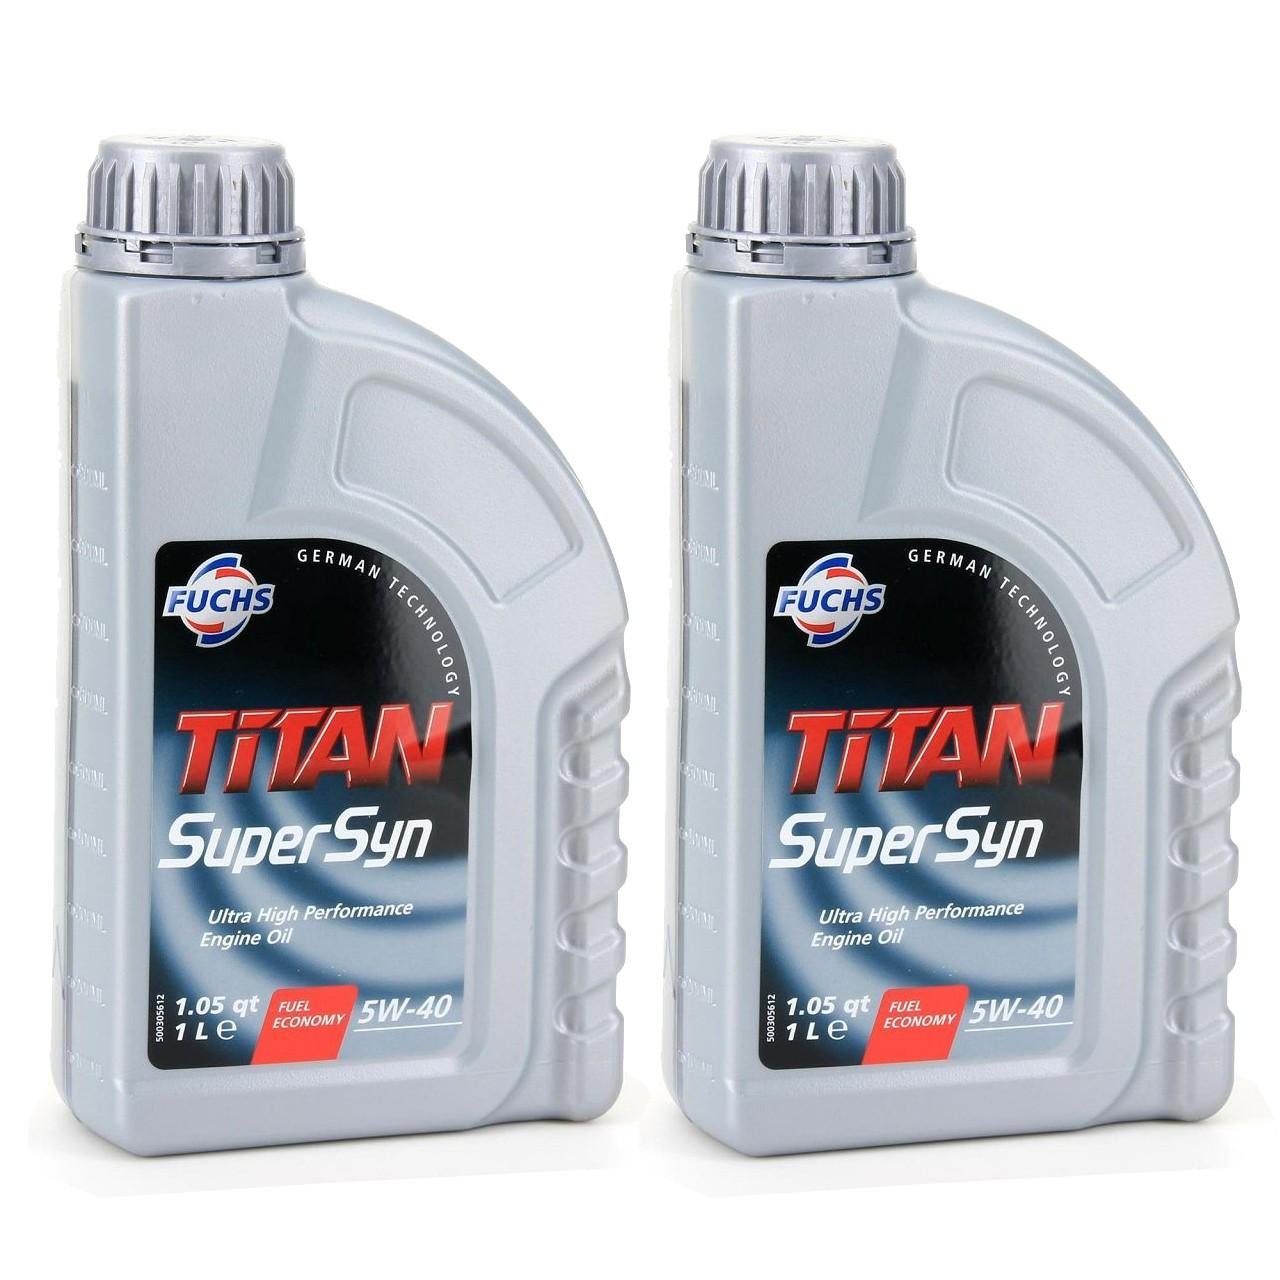 FUCHS MOTORÖL TITAN SuperSyn 5W-40 VW 502.00/505.00 MB 229.3 RN0700 - 2L 2 Liter